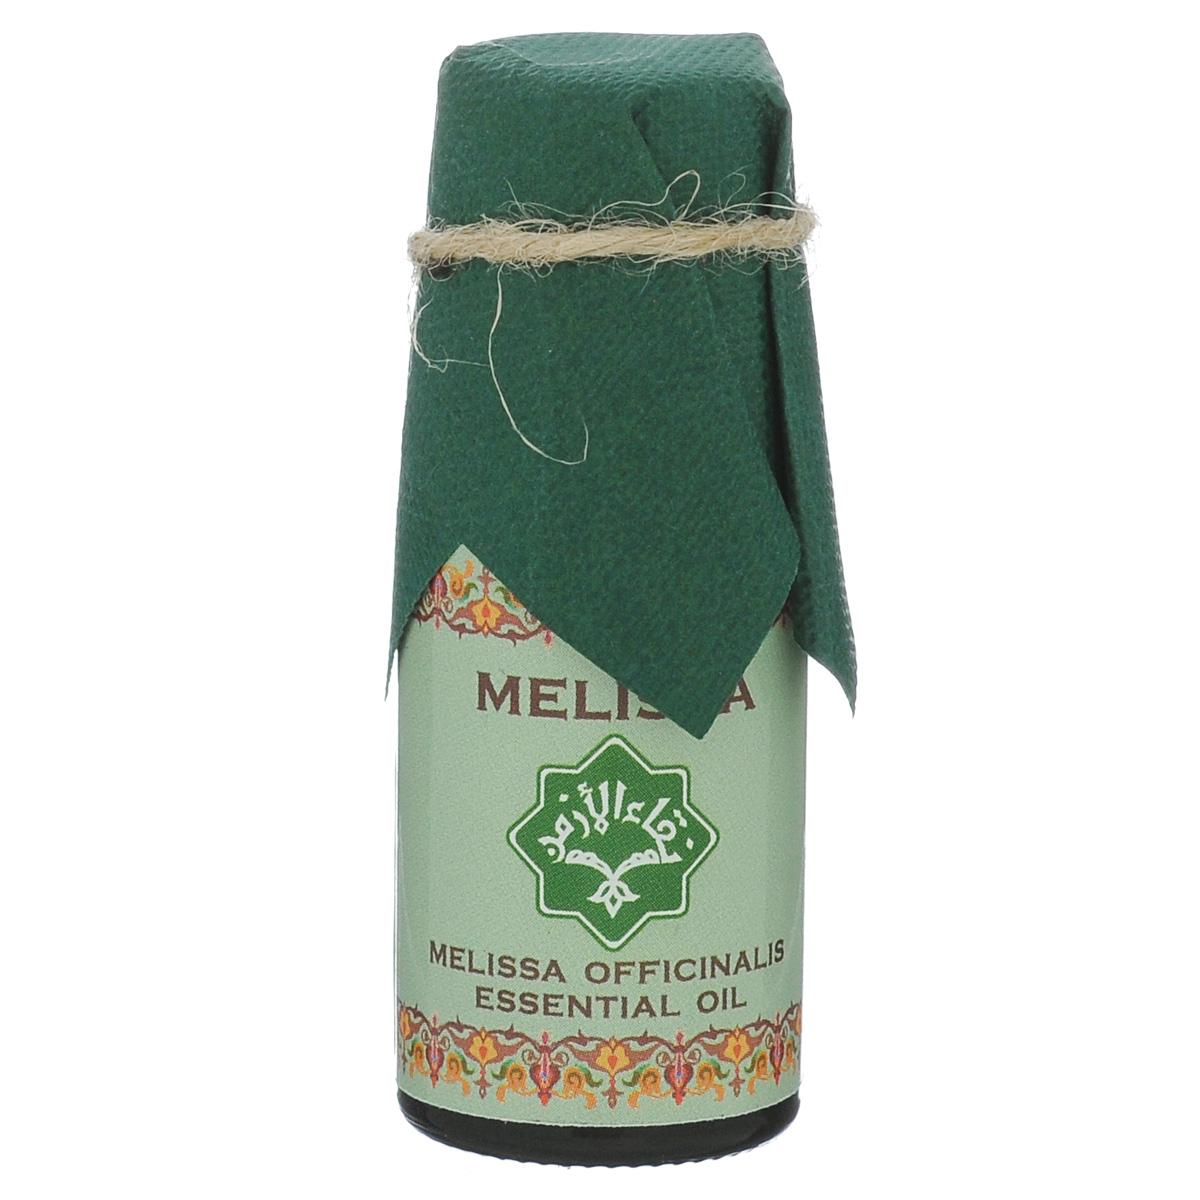 Зейтун Эфирное масло Мелисса, 10 млZ3633Абсолютно чистое, 100% натуральное эфирное масло Мелиссы, произведенное в соответствии со стандартом европейской фармакопеи; по своим качествам и свойствам значительно превосходит дешевые аналоги. Применение в ароматерапии: Эфирное масло мелиссы устраняет меланхолию, нарушения сна, раздражительность, депрессию, истерию, чувство страха, нормализует сон и естественные биоритмы человека. Помогает побеждать темные эмоции (зависть, недоброжелательство, ревность). Стимулирует интеллектуальные центры, повышает способности к запоминанию и усвоению информации, концентрацию внимания и способности к верным умозаключениям. Эфирное масло мелиссы помогает держать себя в руках, сохранять оптимистический взгляд на жизнь. Косметические свойства: Восстанавливает первозданный цвет губ. Подходит для ухода за жирной, проблемной кожей, устраняет гнойничковую сыпь, инфильтраты, фурункулез. Эфирное масло мелиссы сужает и обесцвечивает поры. Мощное противогерпетическое средство. Очищает жирные...